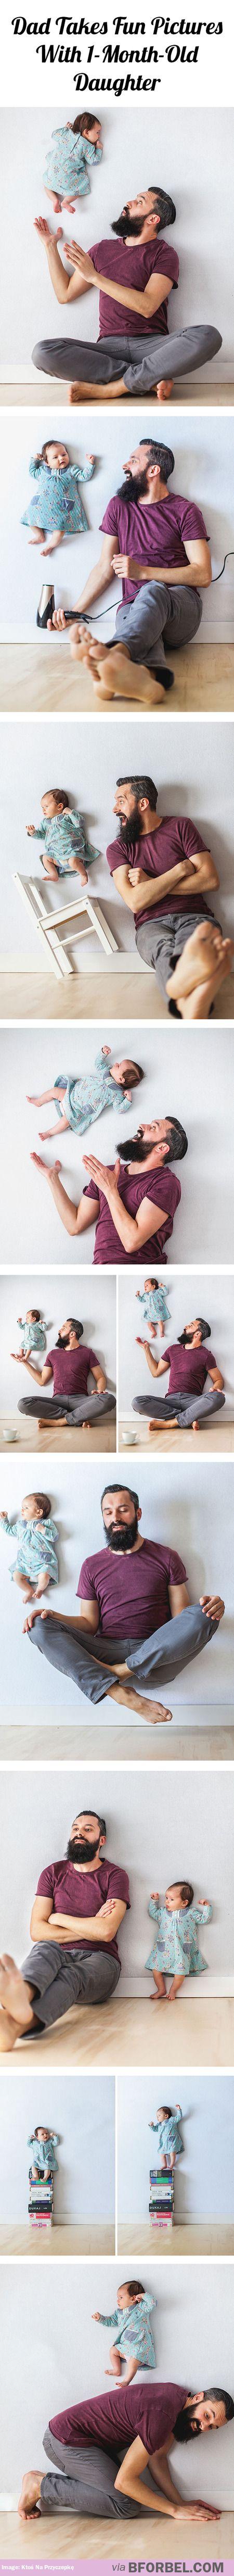 Papa und Tochter!                                                                                                                                                      Mehr